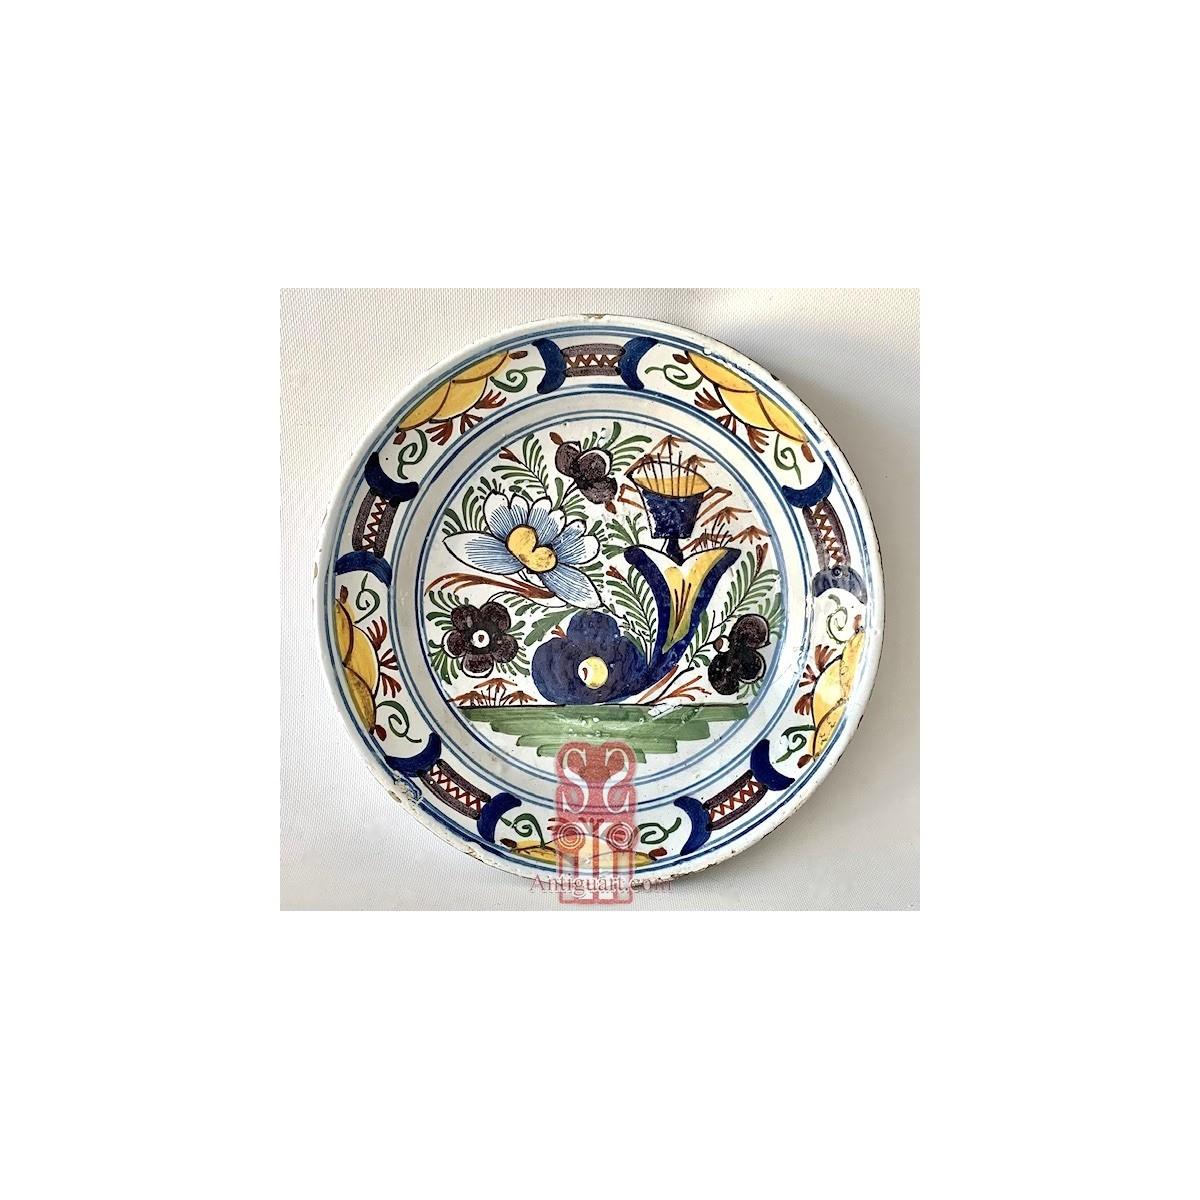 Delft ceramic plate 18th